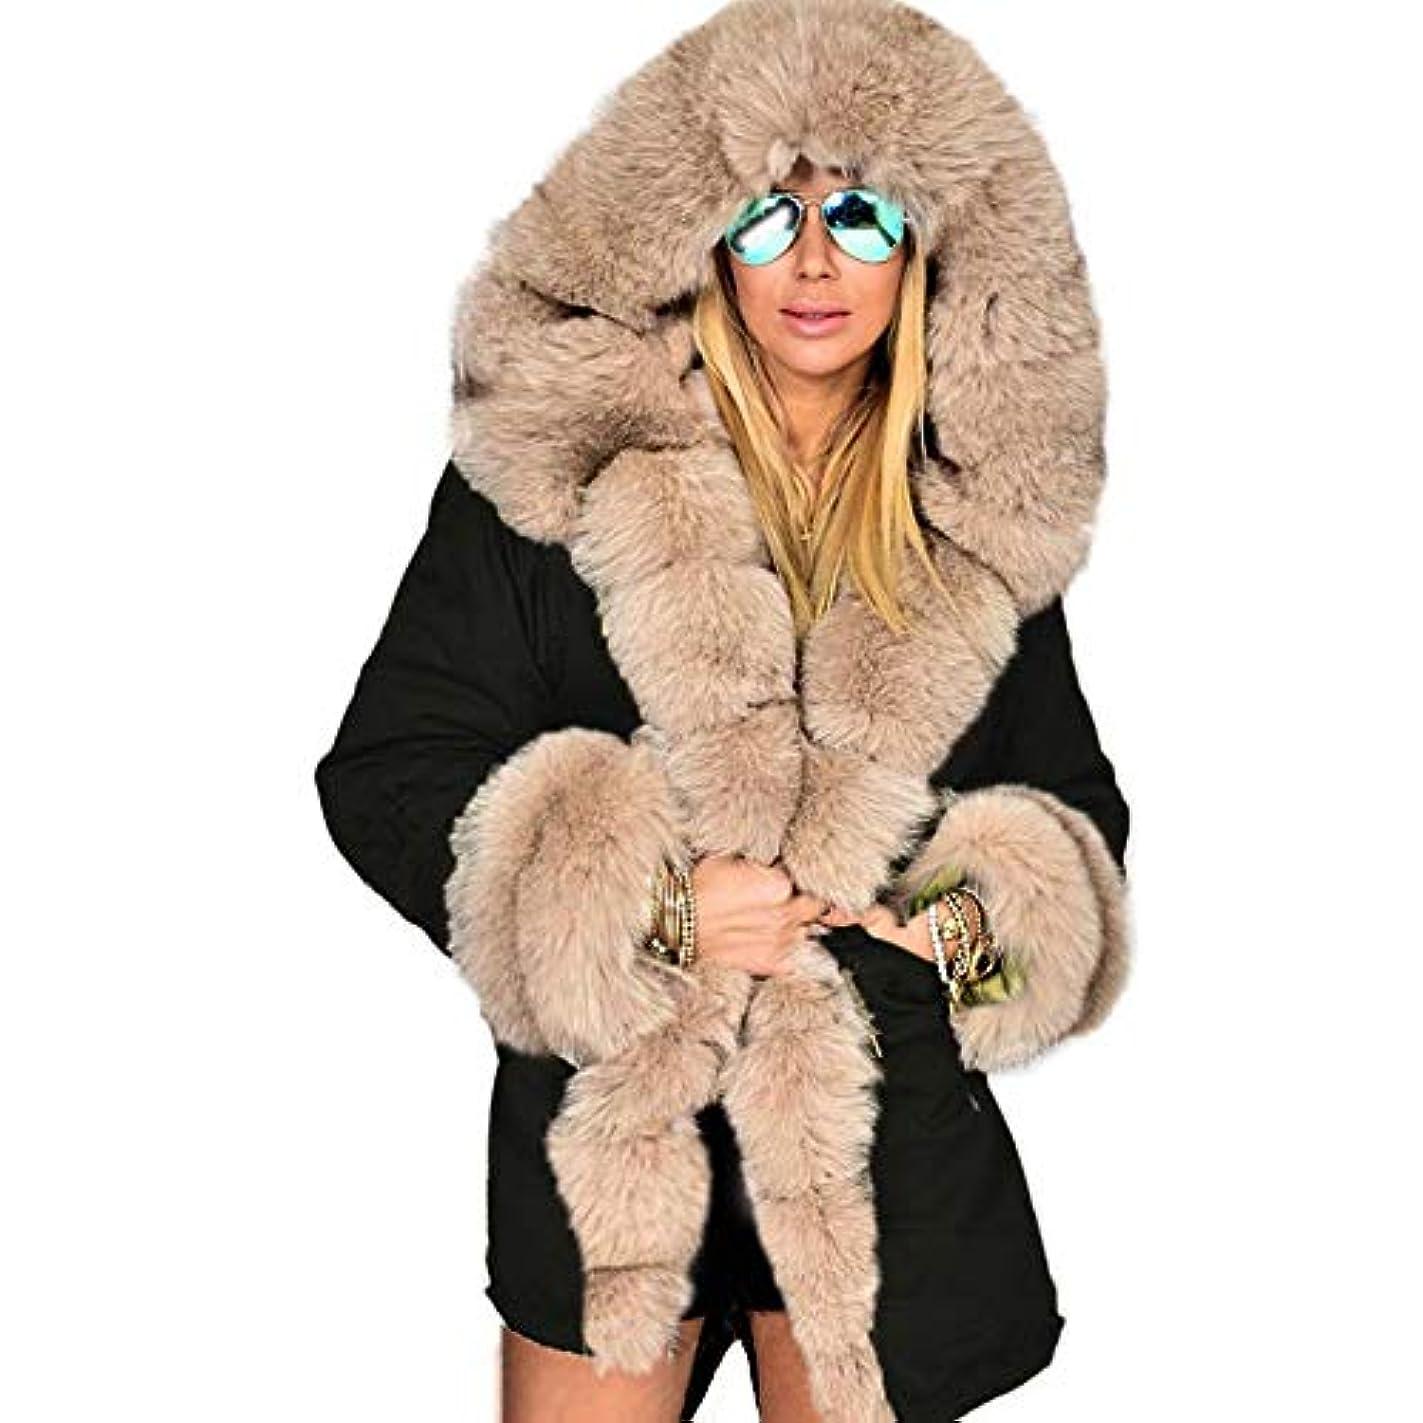 ルビーラッチ陰気冬ジャケット女性ファッションフードコートフェイクファーカラーコットンフリースウォームコートパーカスパーカープラスサイズロングコート,XXL